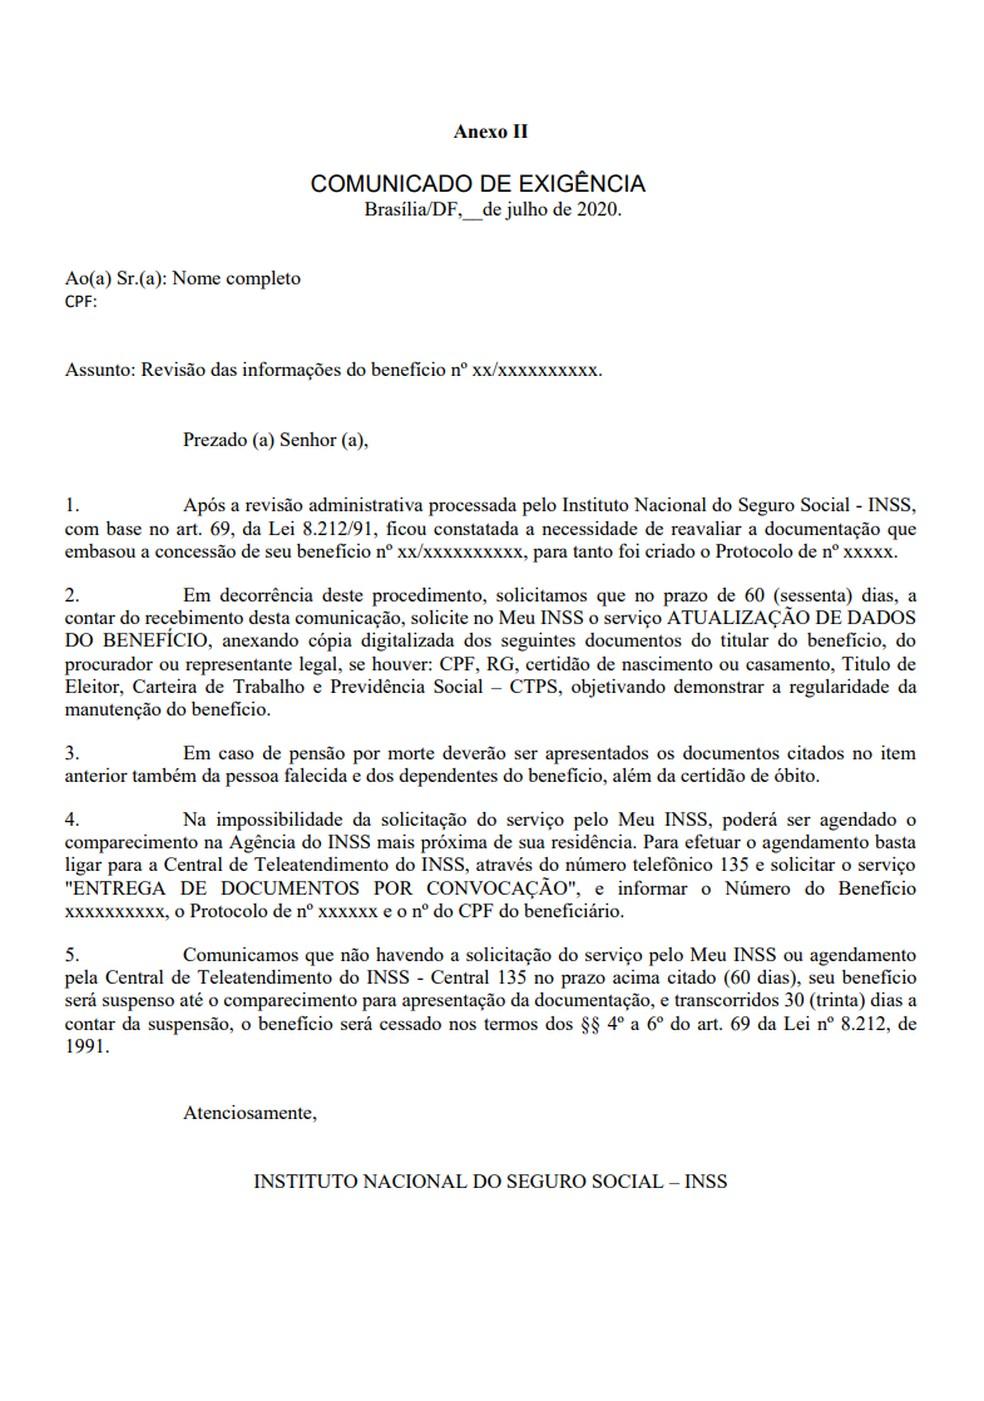 Modelo de carta de comunicação de exigência — Foto: Reprodução